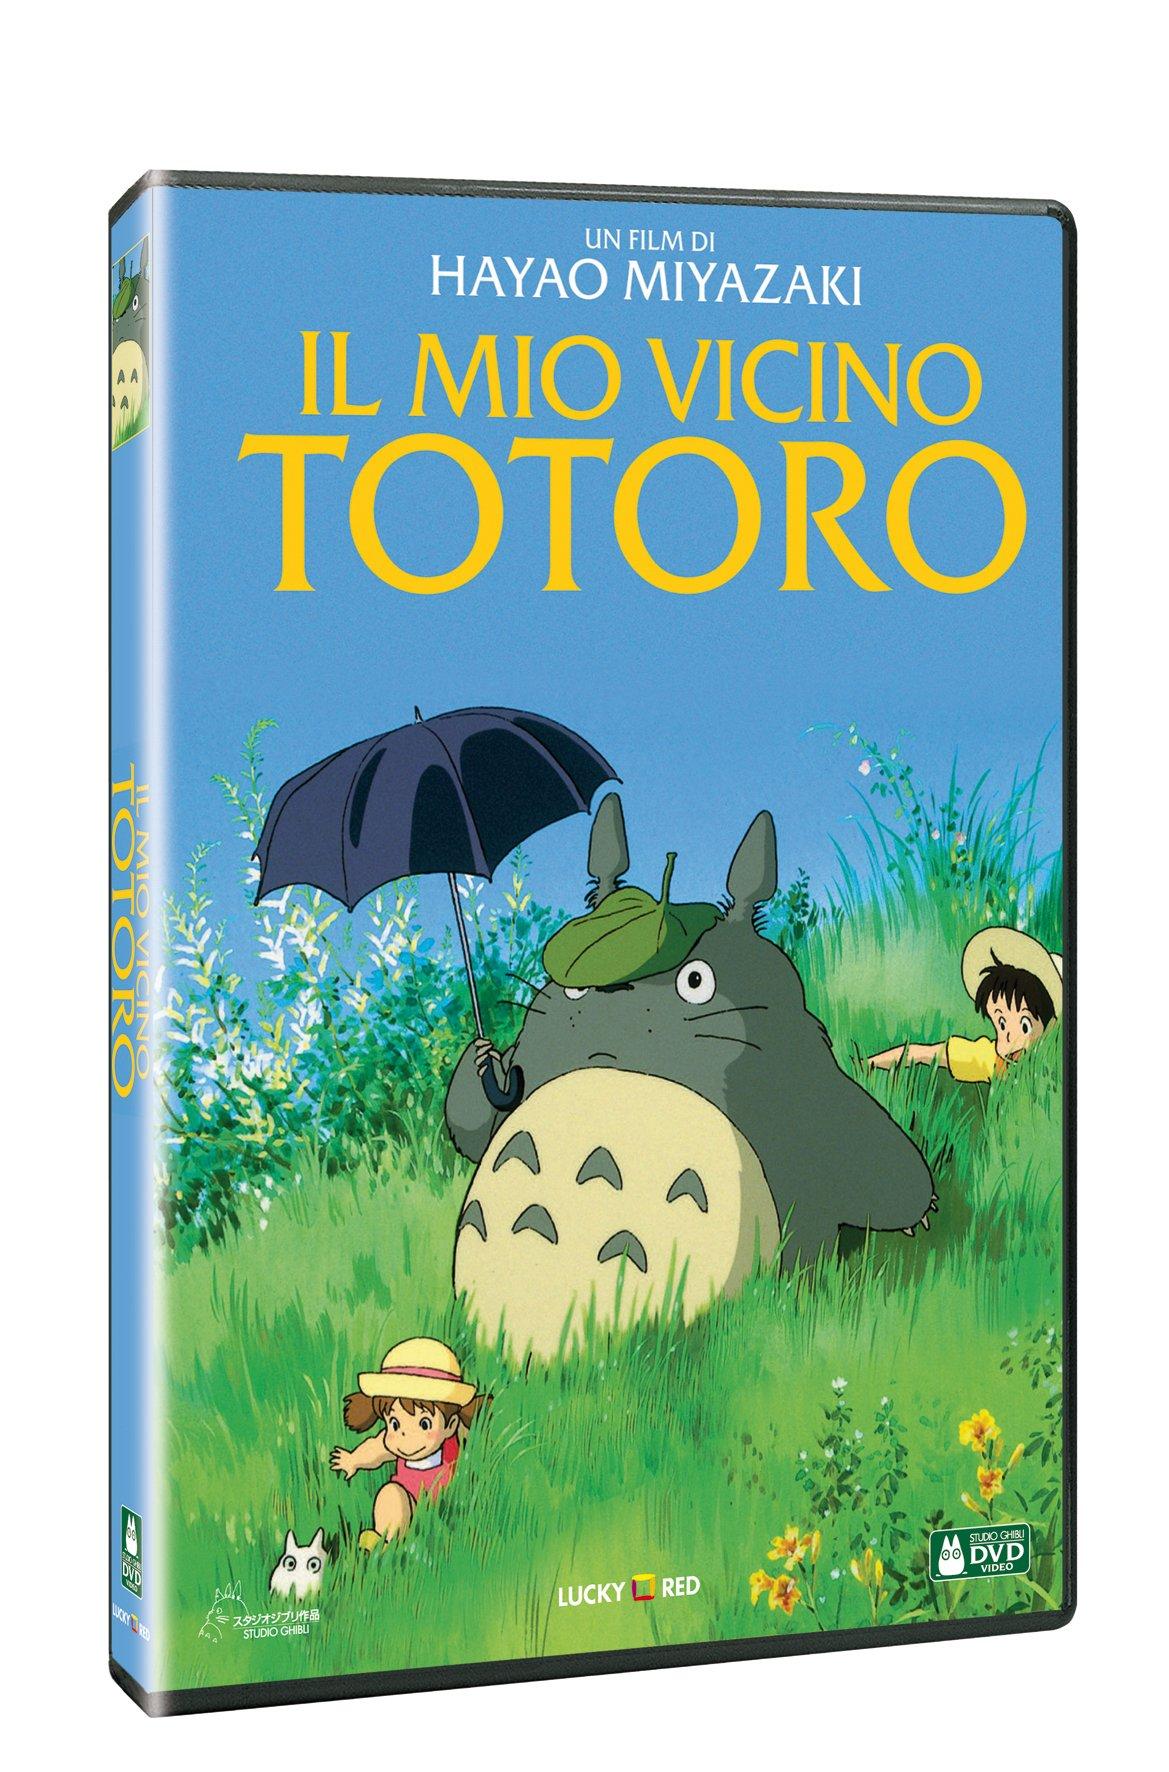 IL MIO VICINO TOTORO (DVD)